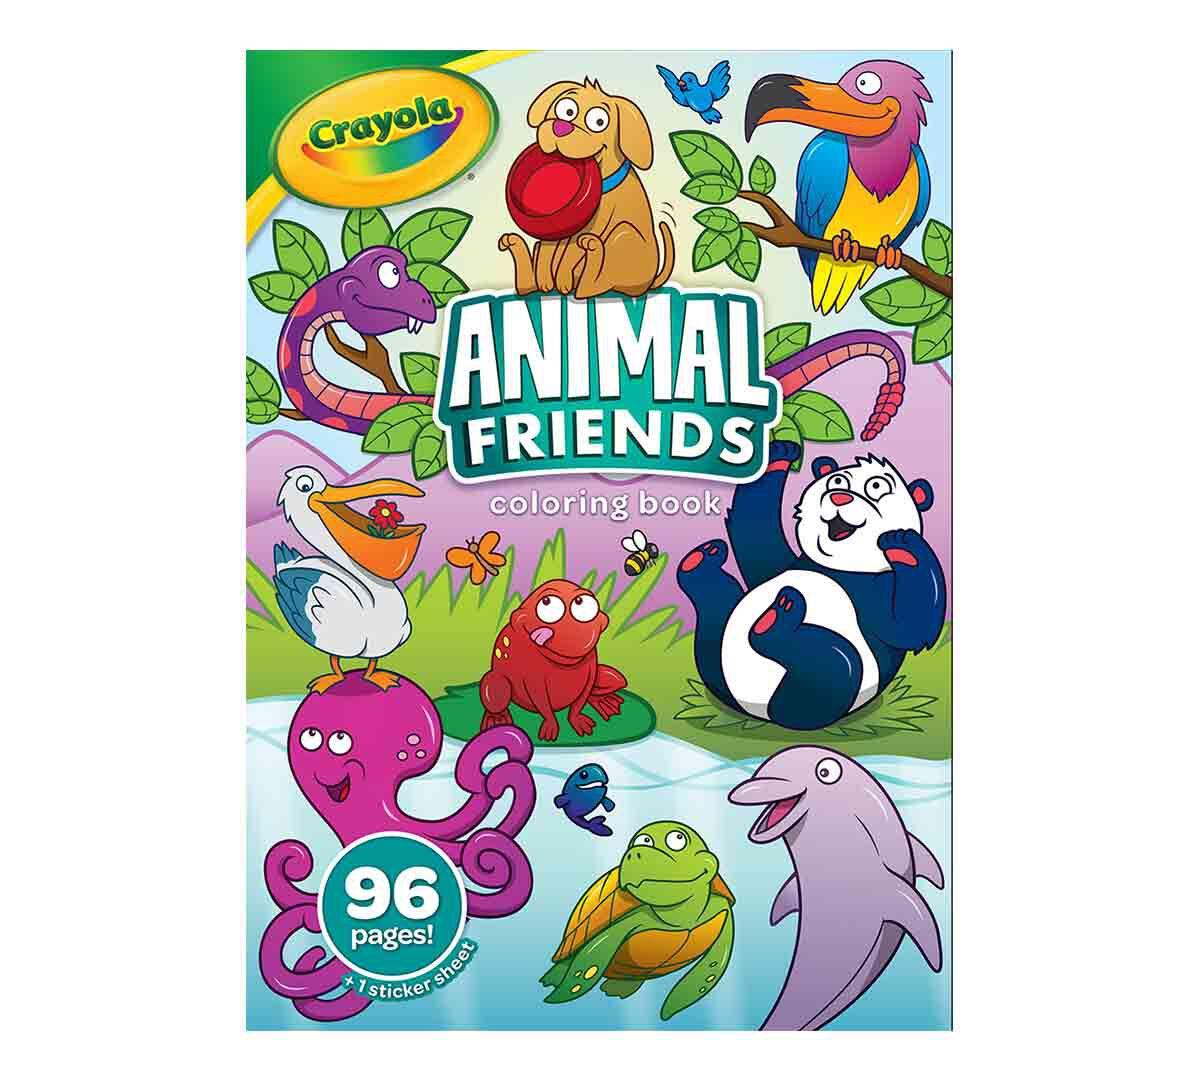 Animal Friends Coloring Book, 96 Pages Crayola.com Crayola